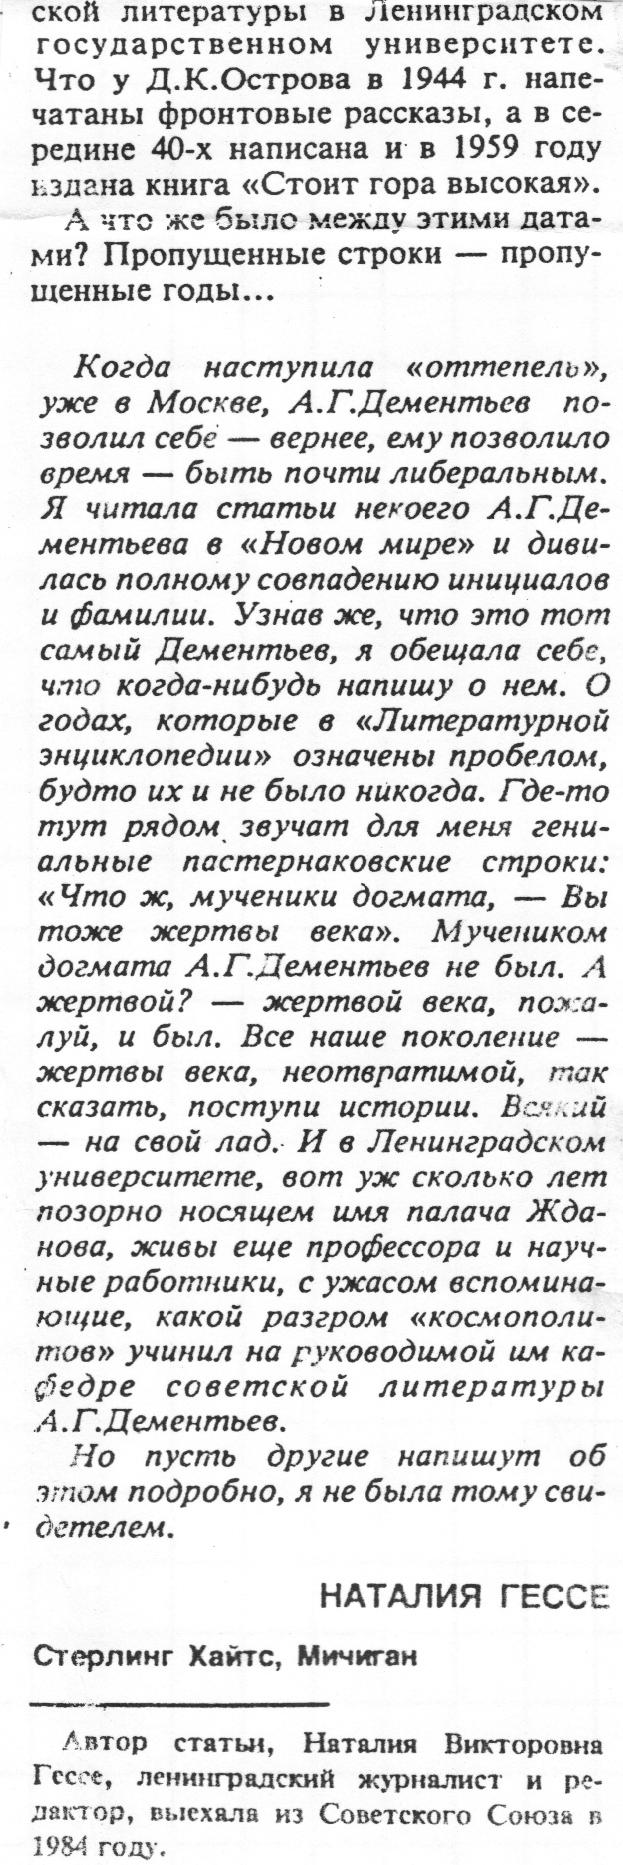 NV stroki 417